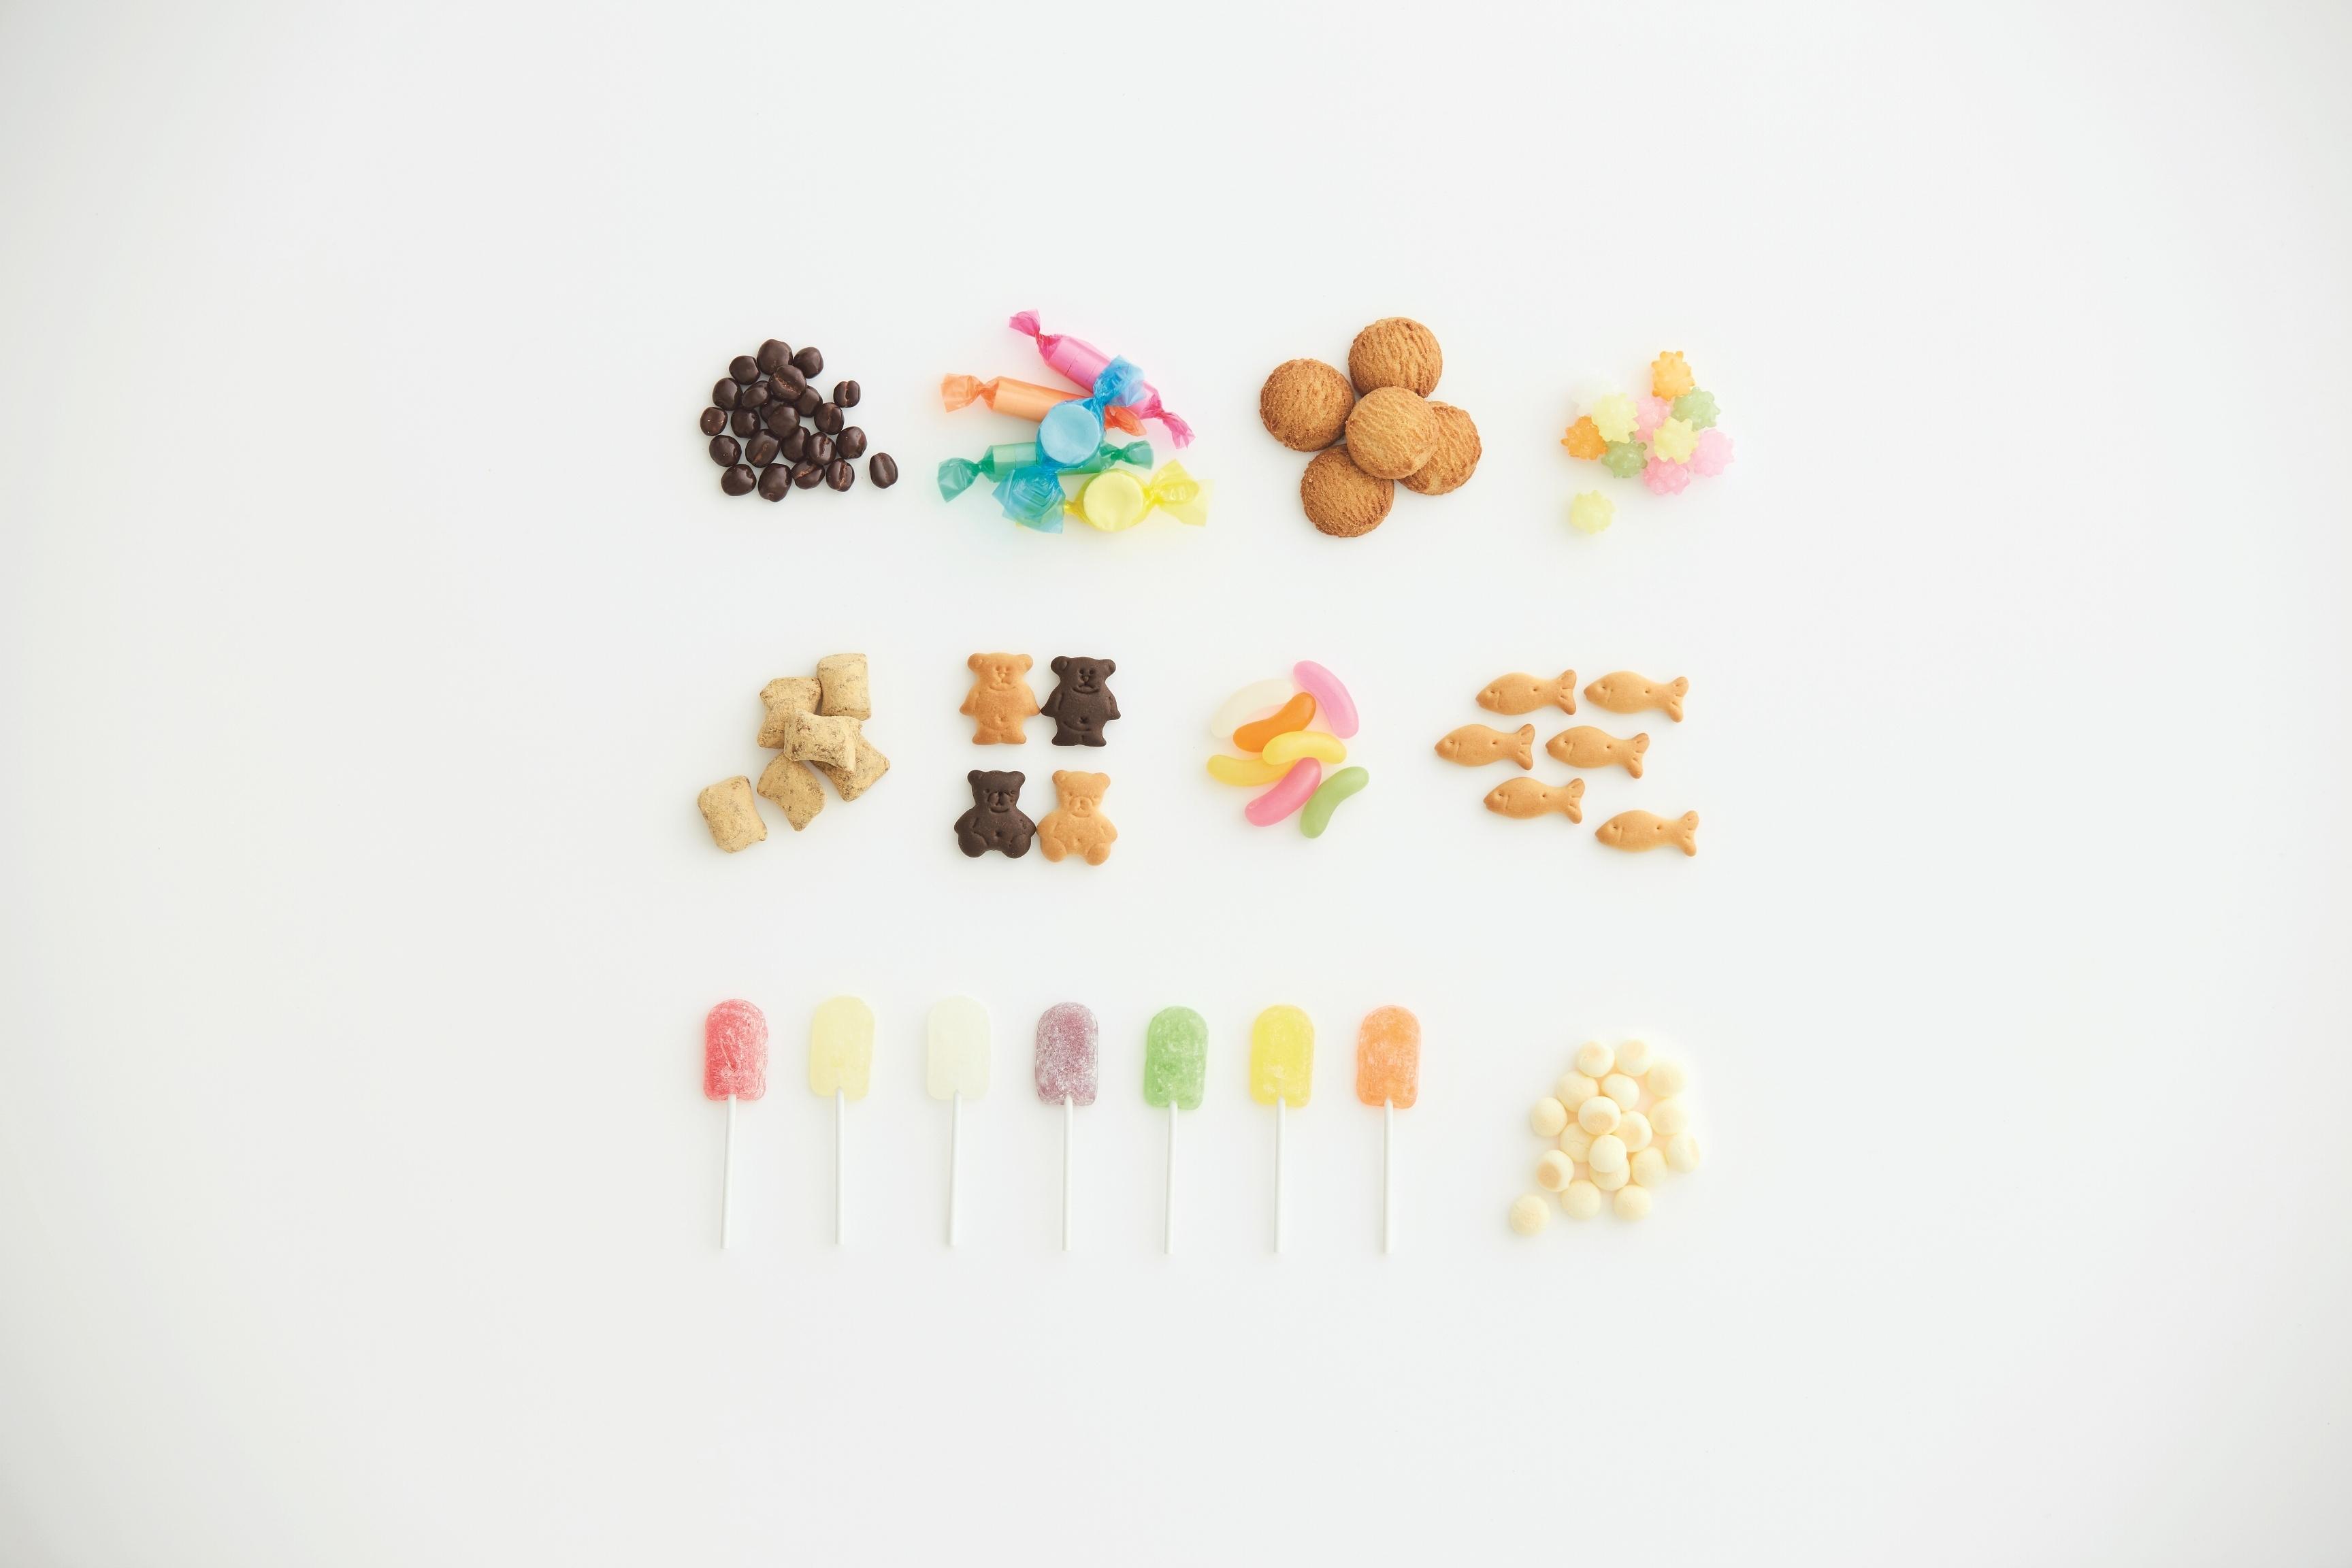 無印良品の「ぽち菓子」シリーズは、新しいコミュニケーションツールとして活躍する